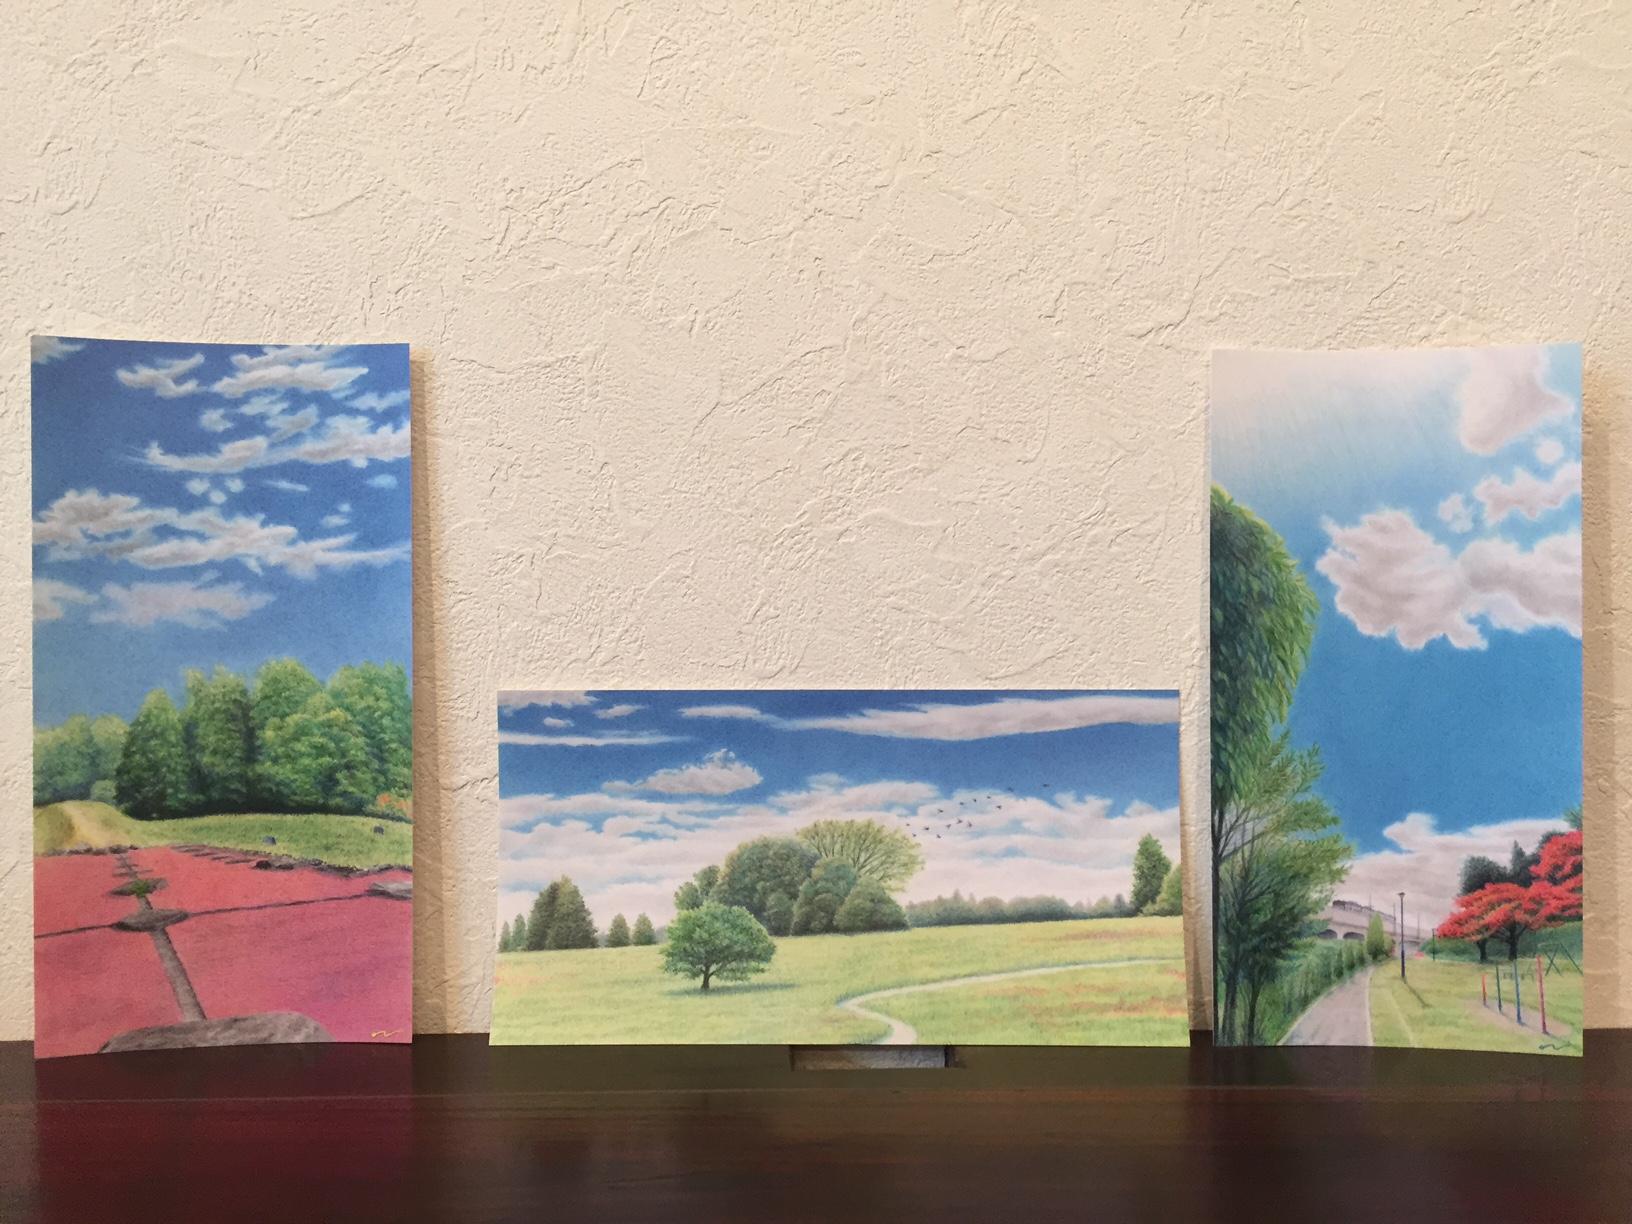 多賀城の風景ポストカード(アトリエぷるぷる)